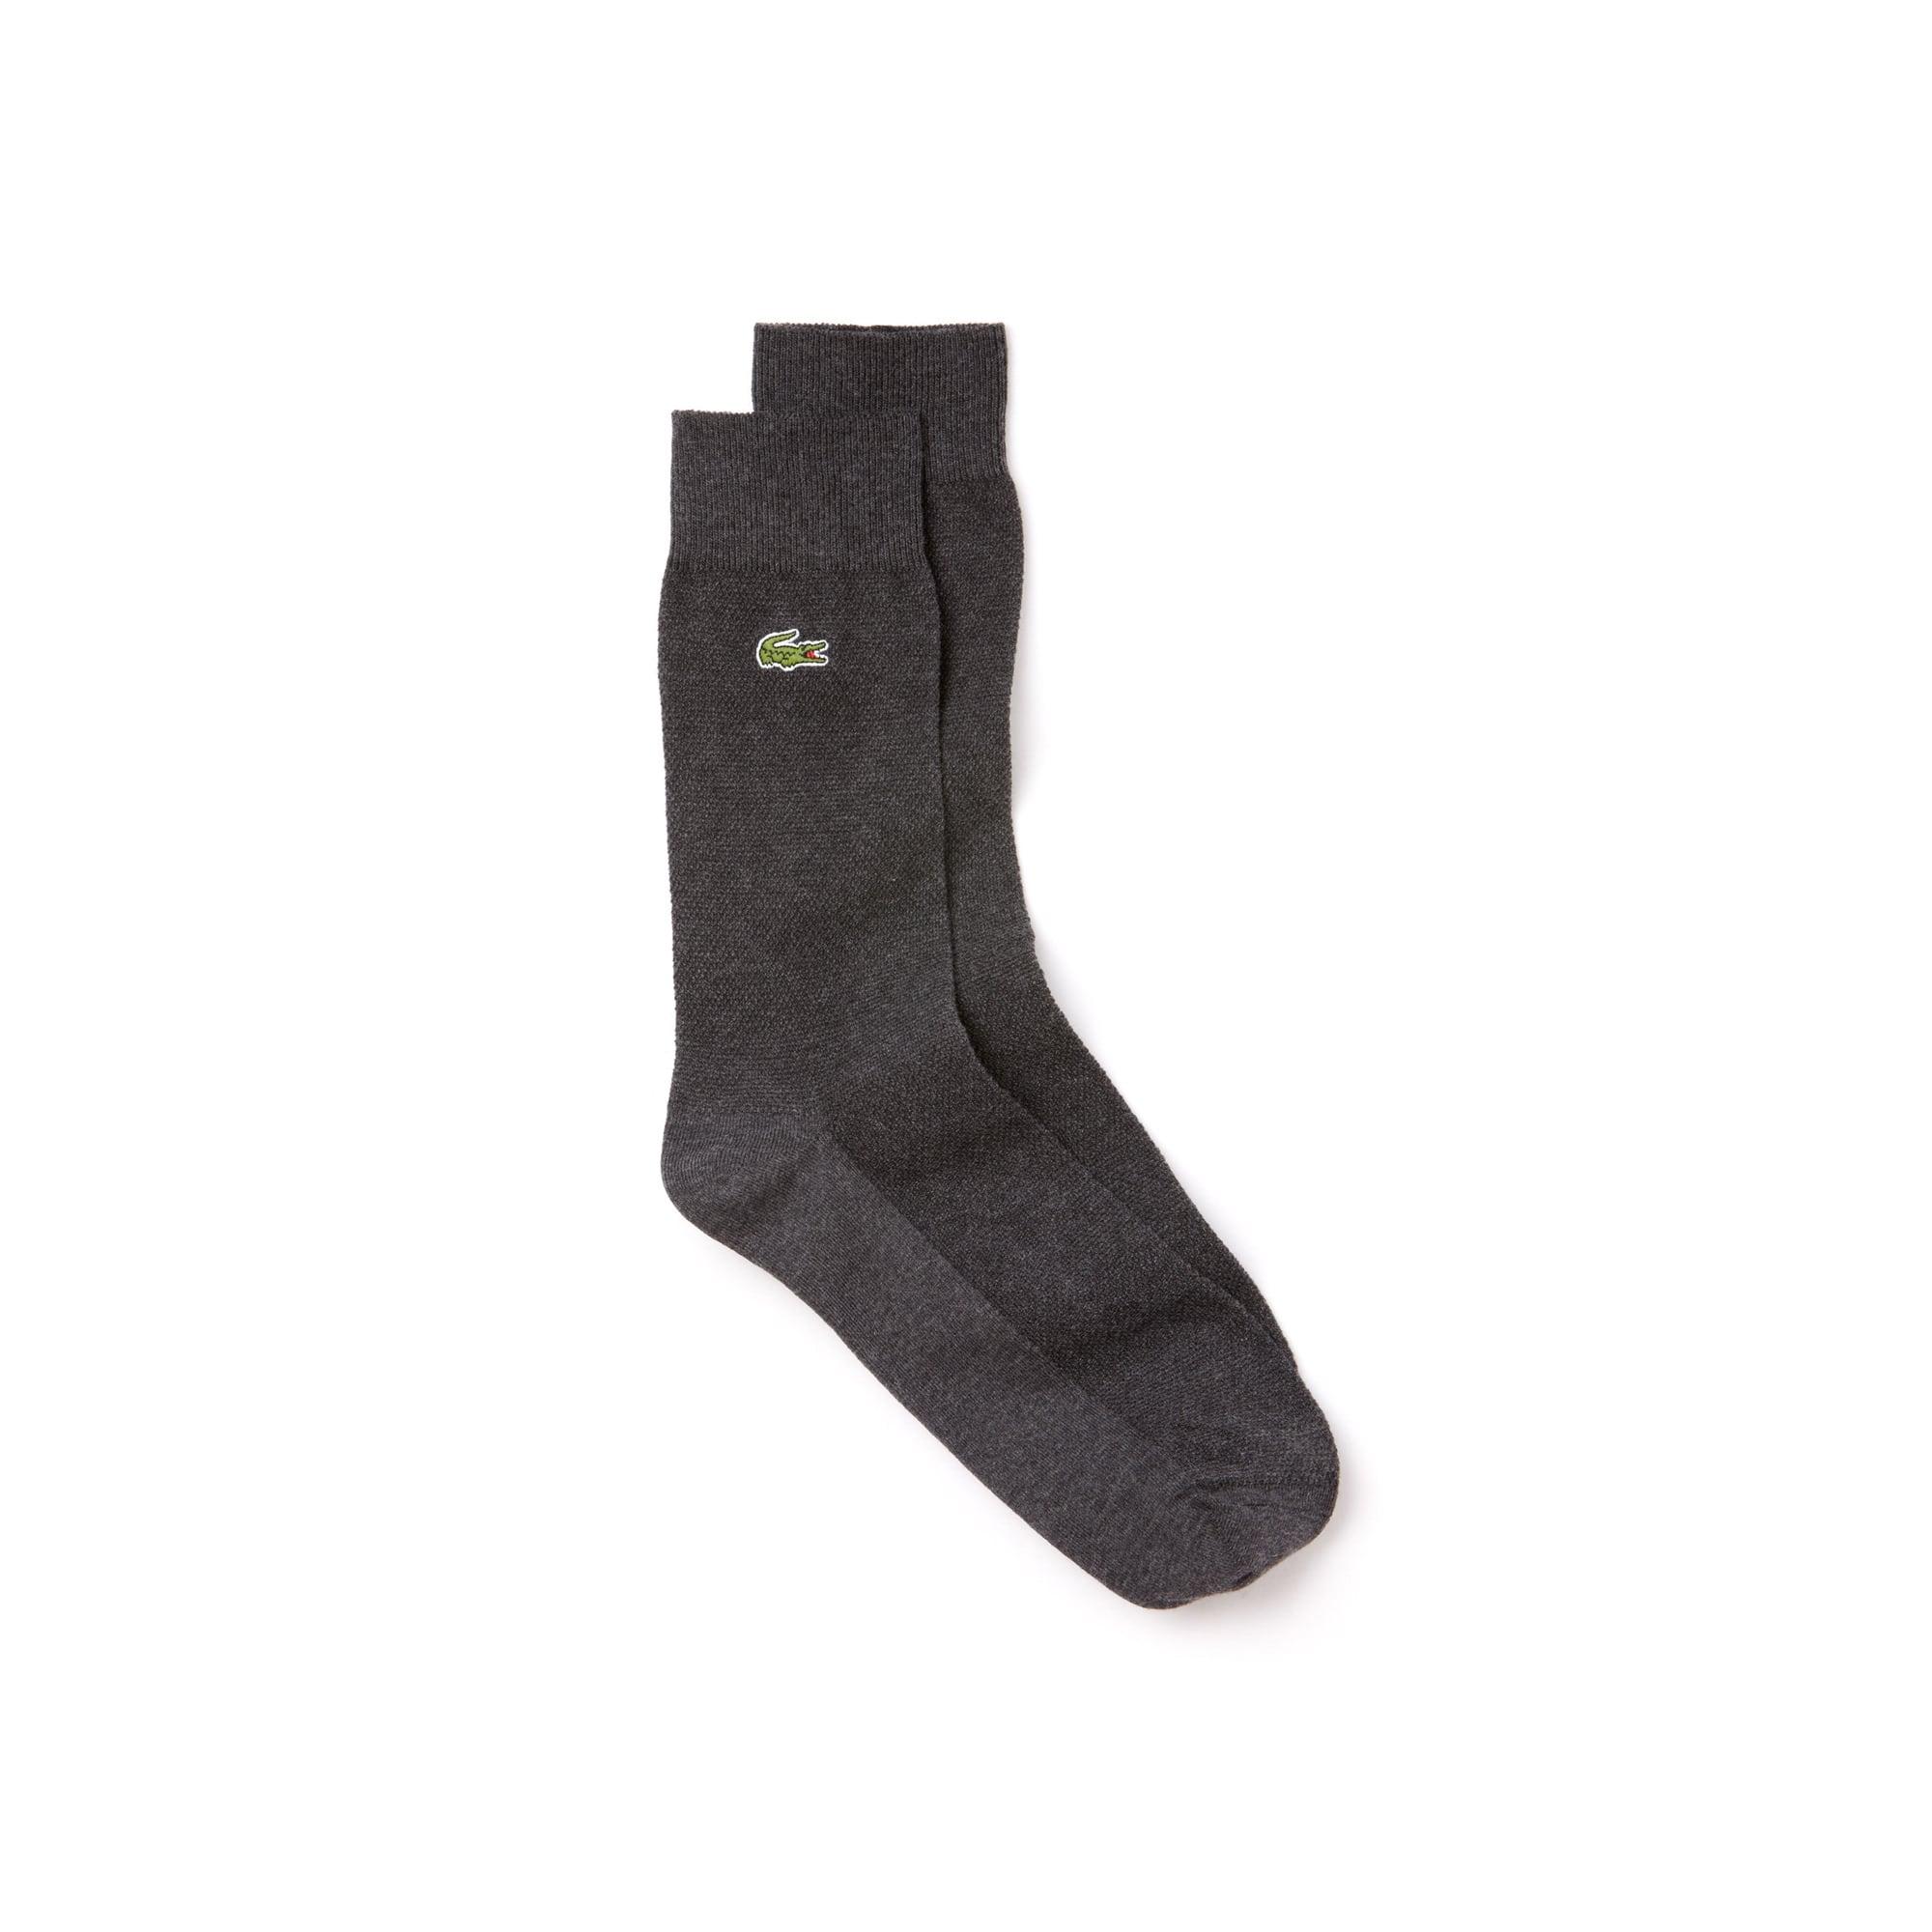 Socken aus dehnbarem Baumwolljersey